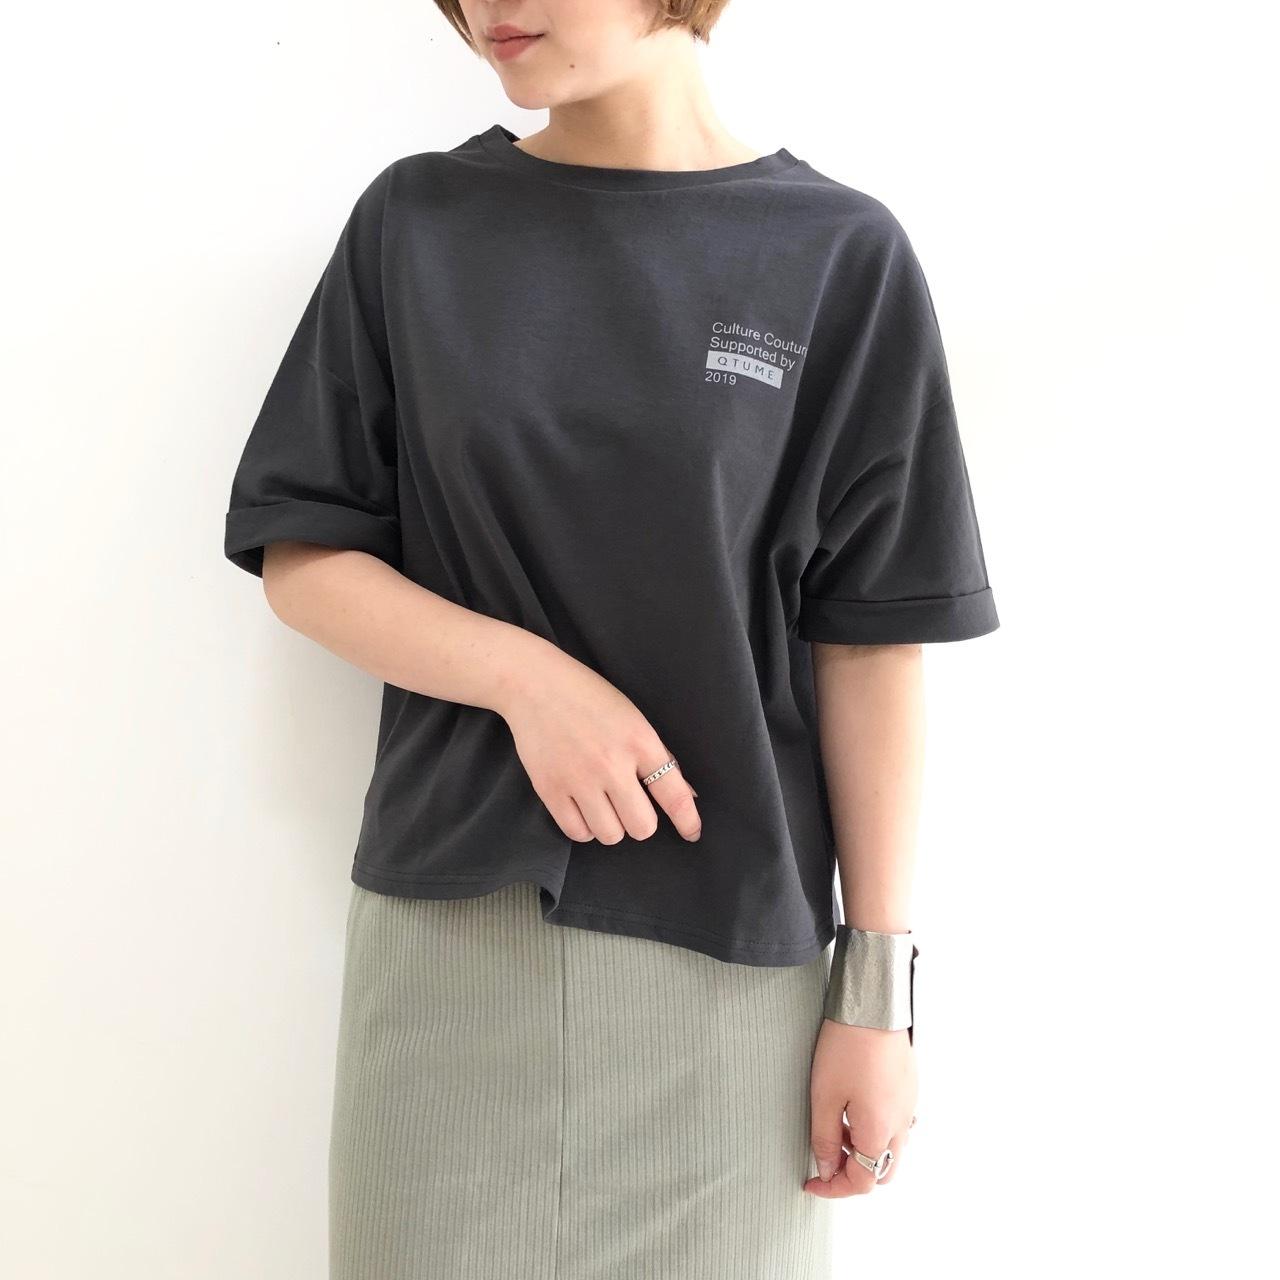 【 QTUME 】- 912-25195 - バックスリットプリントTeeシャツ